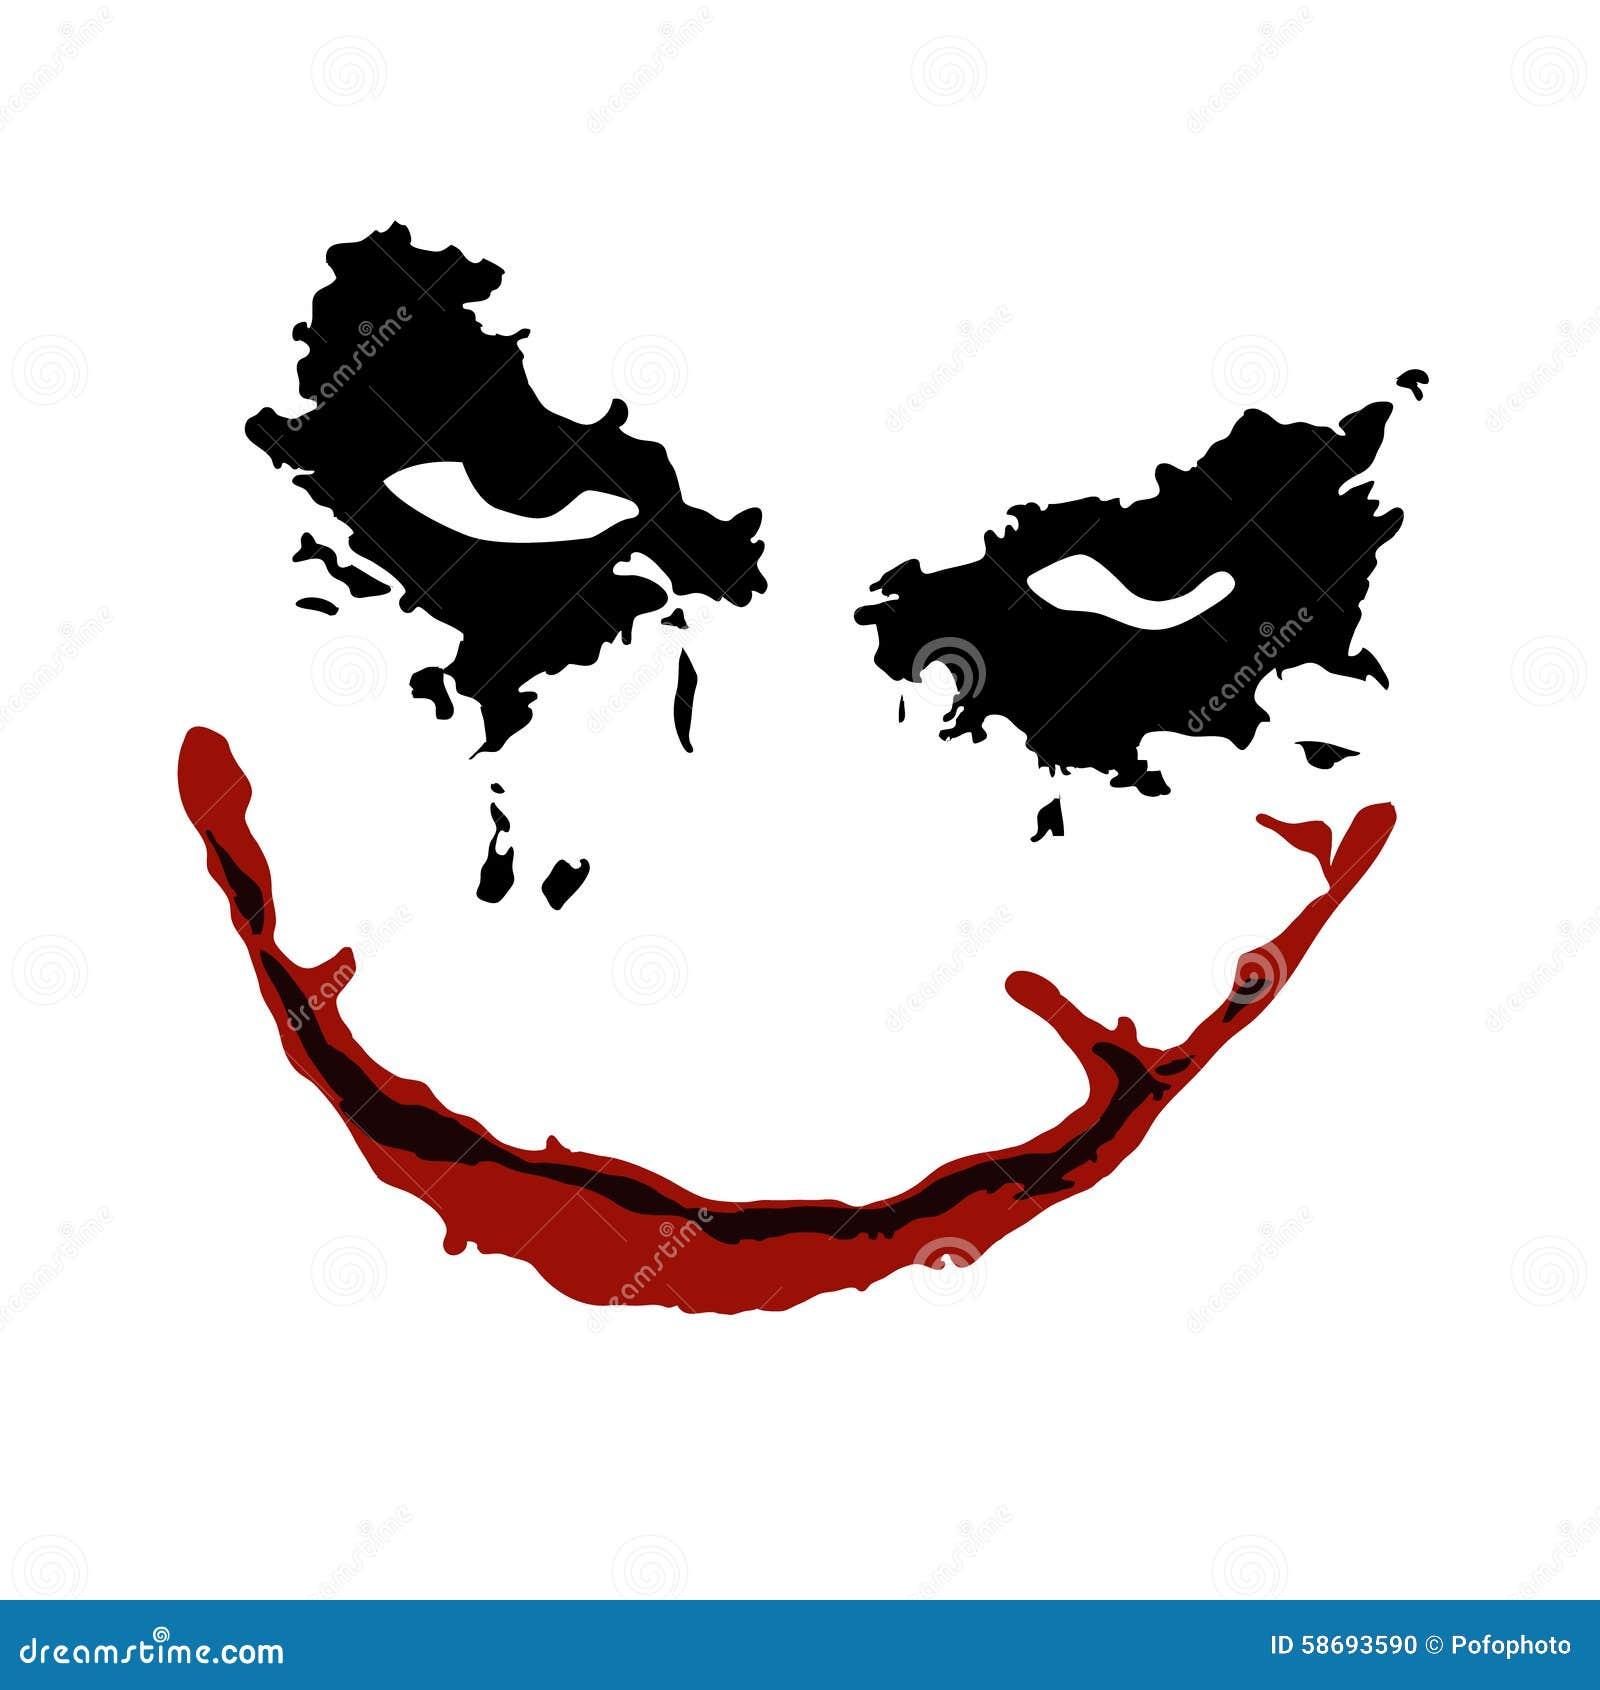 Joker face vector